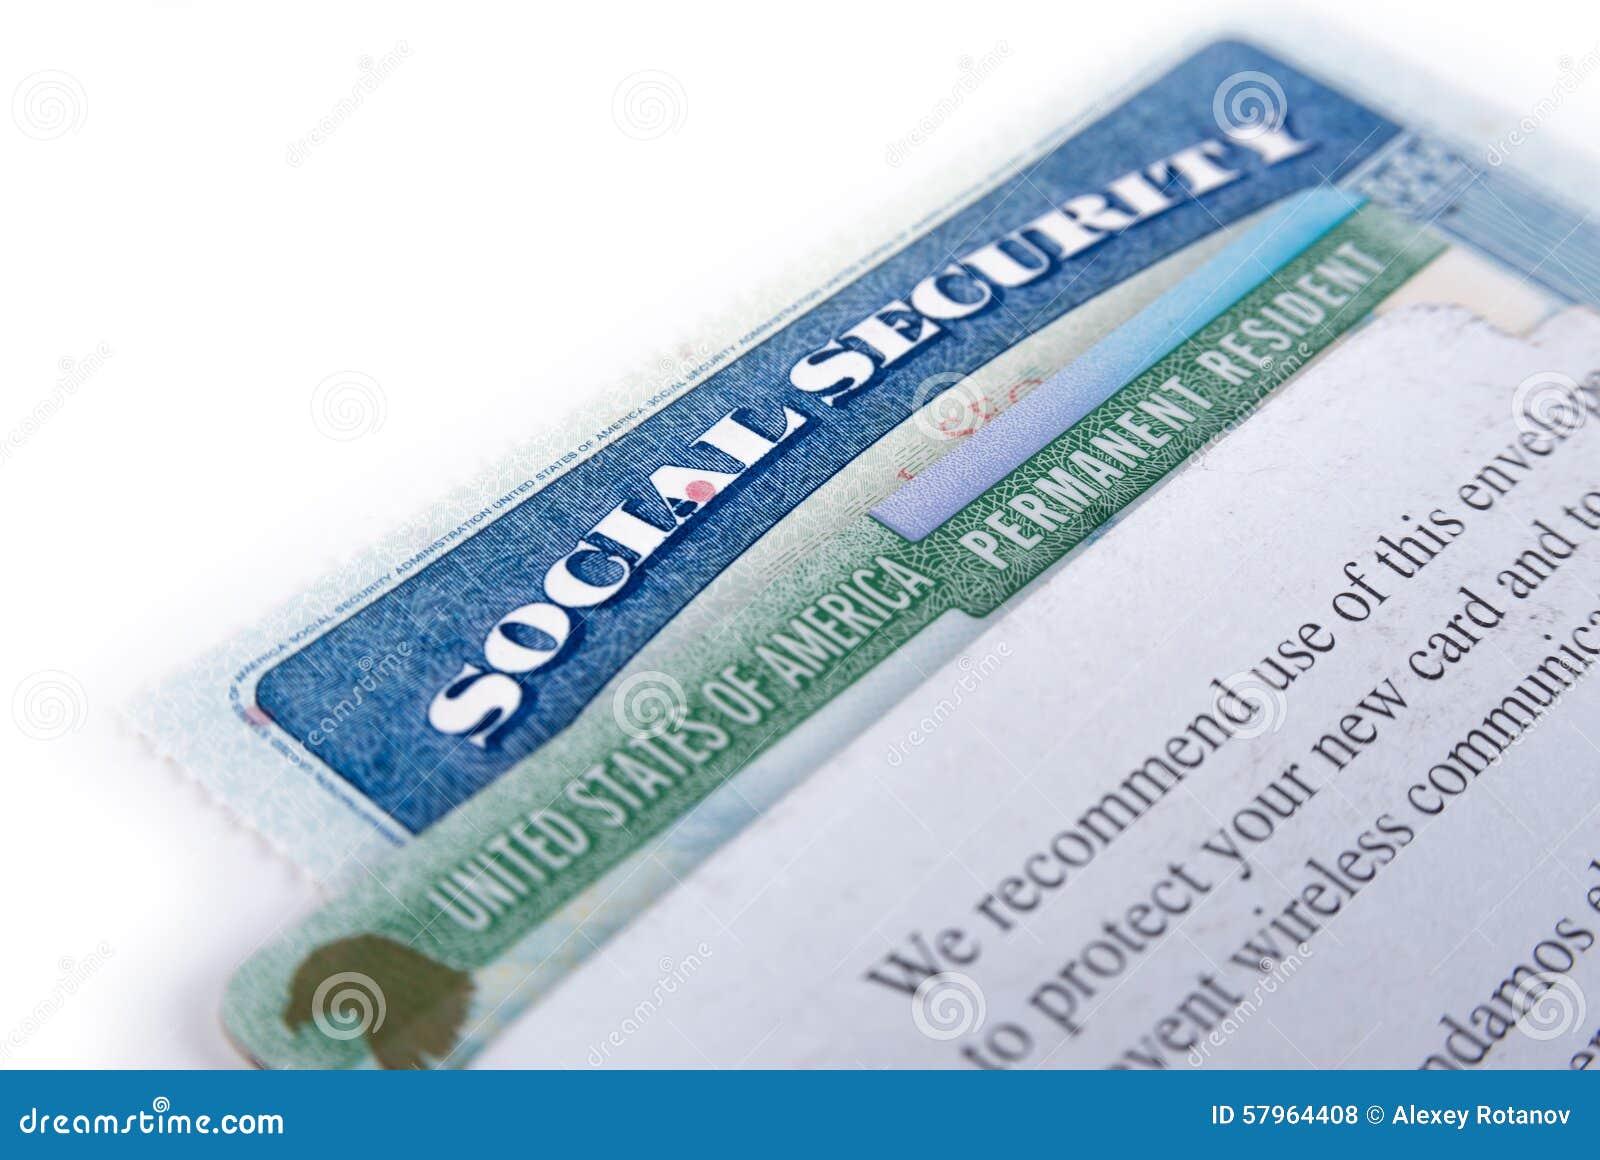 Segurança social do Estados Unidos da América e cartão verde